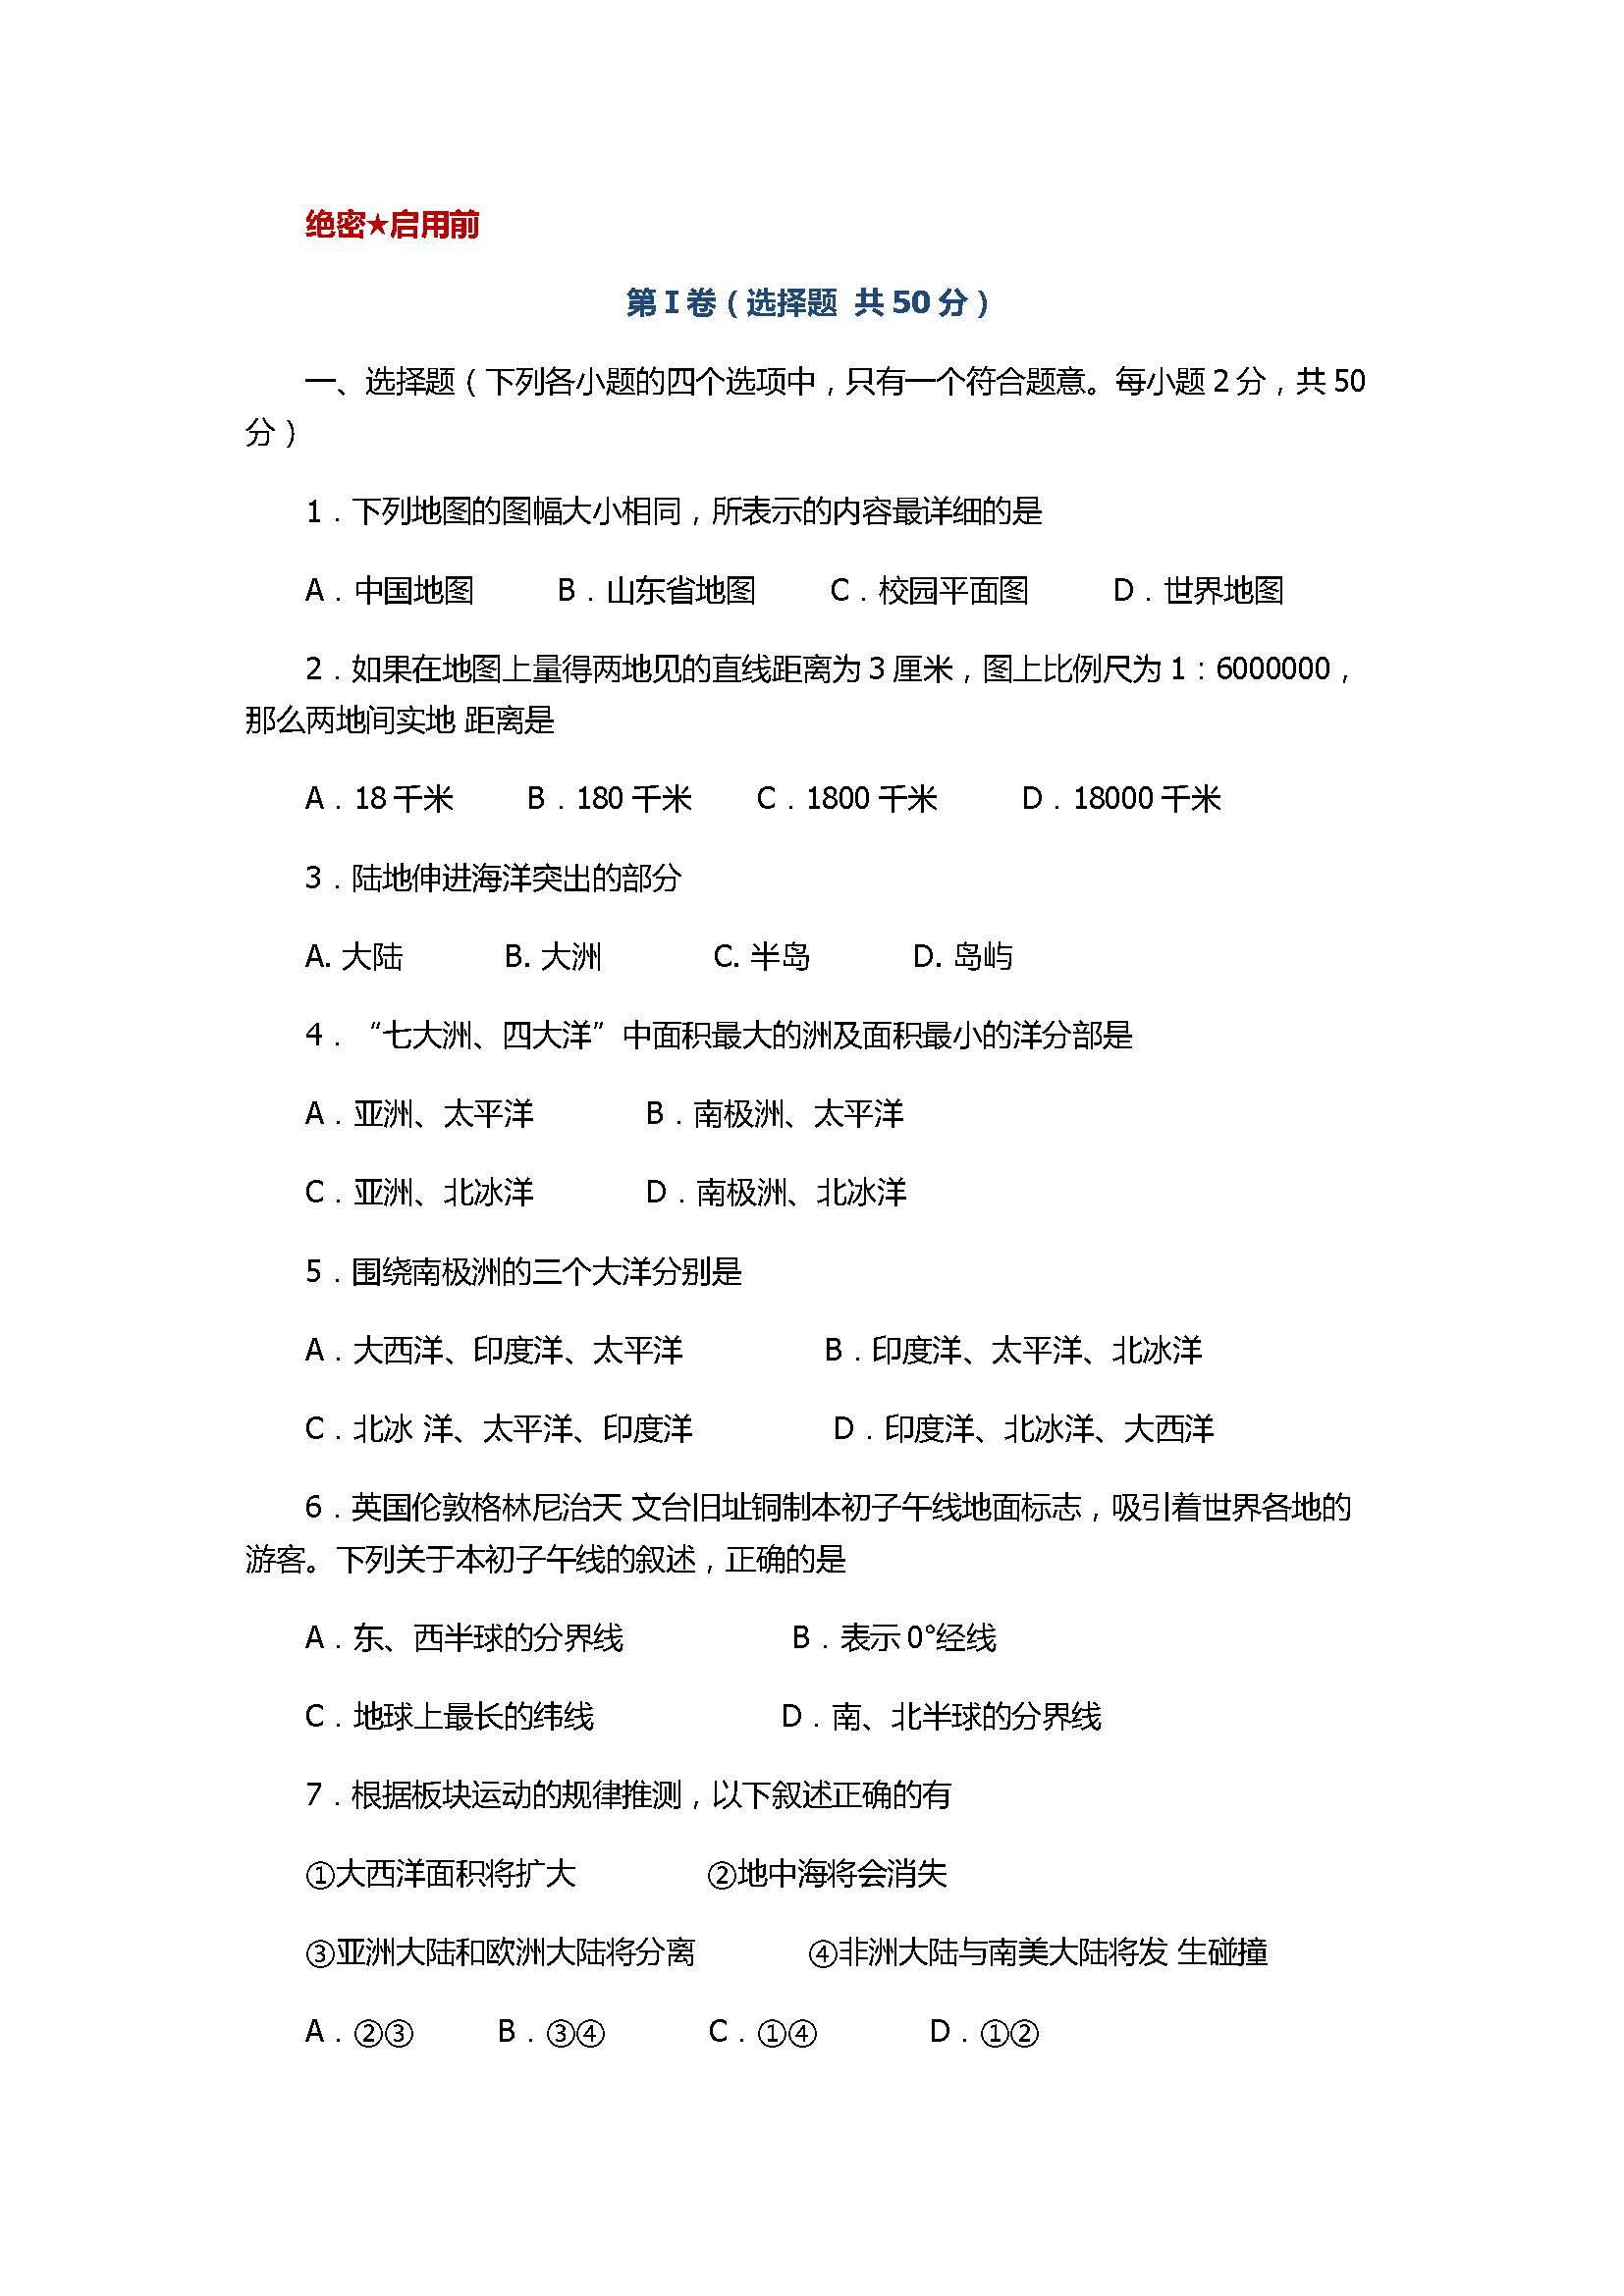 2017初二年级地理下册月考试卷含参考答案(滨州三校)